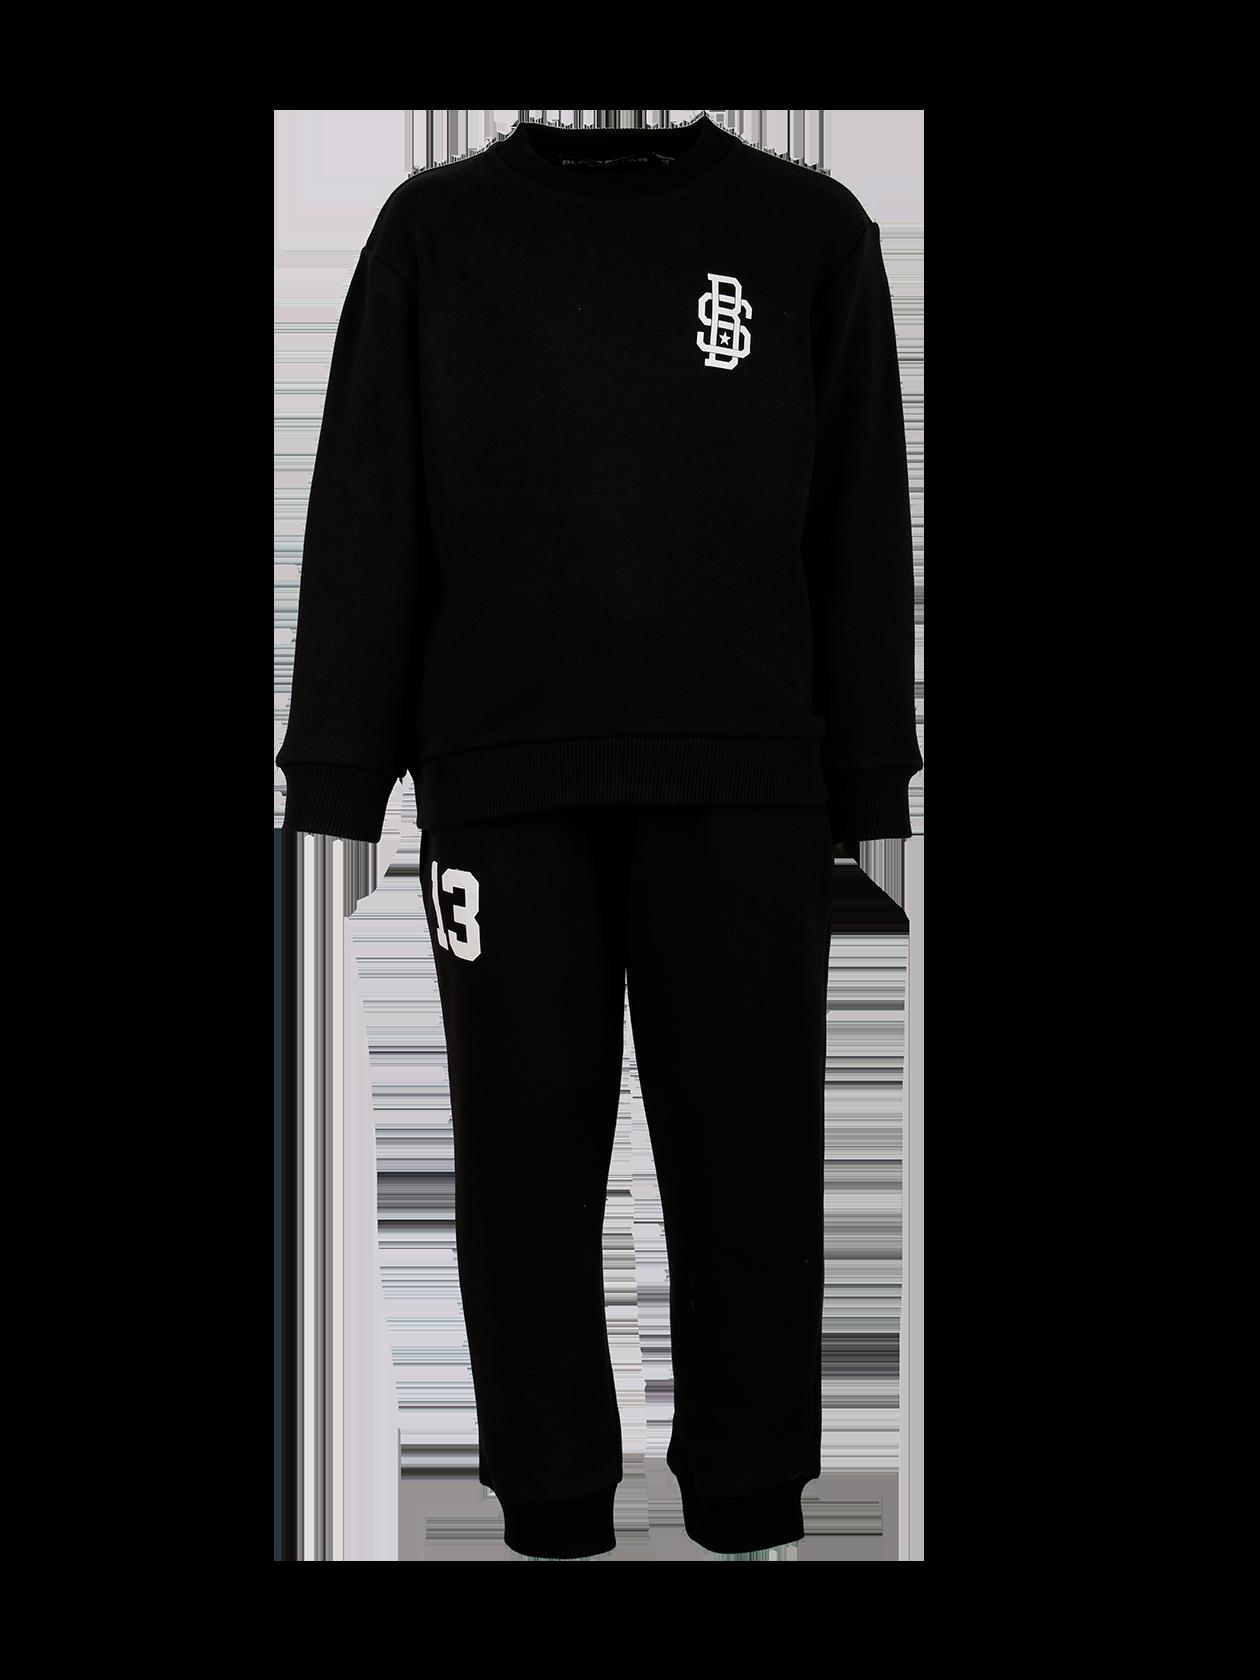 Костюм спортивный подростковый 13Стильный костюм спортивный подростковый 13 из новой линии одежды Basic – идеальное решение на каждый день. Комплект состоит из свитшота и стильных брюк. Модель лаконичного дизайна, полусвободного прямого кроя. Эластичные трикотажные вставки на манжетах и поясе верха и низа обеспечивают удобную посадку вещи по фигуре. Изделие сшито из первоклассного футера мягкой фактуры в черном цвете. На груди и правой штанине нашивки BS и цифра 13. Цена стала до 25% привлекательнее.<br><br>Размер: 12-14 years<br>Цвет: Черный<br>Пол: Унисекс